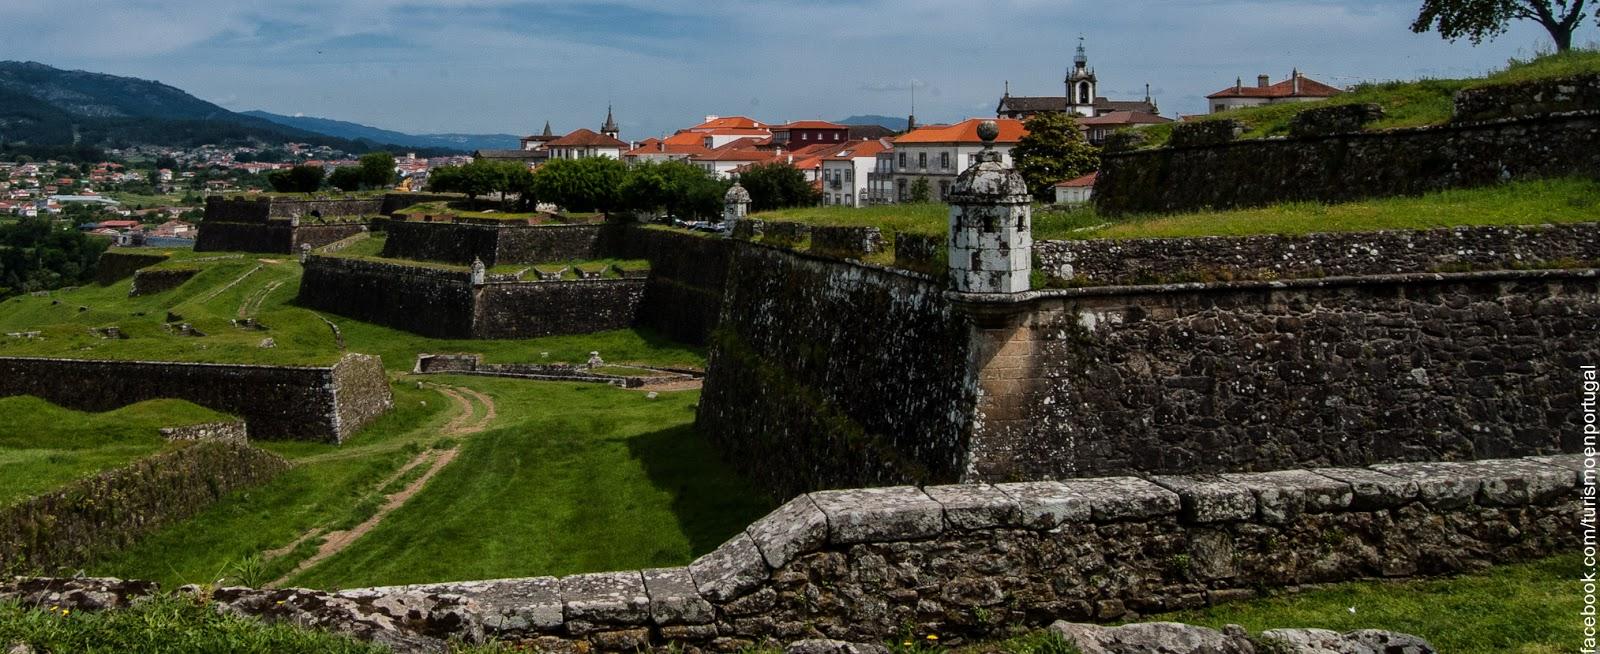 Valenca Do Minho Portugal  city pictures gallery : Su perímetro amurallado tiene una longitud de 5 km y es sin lugar a ...